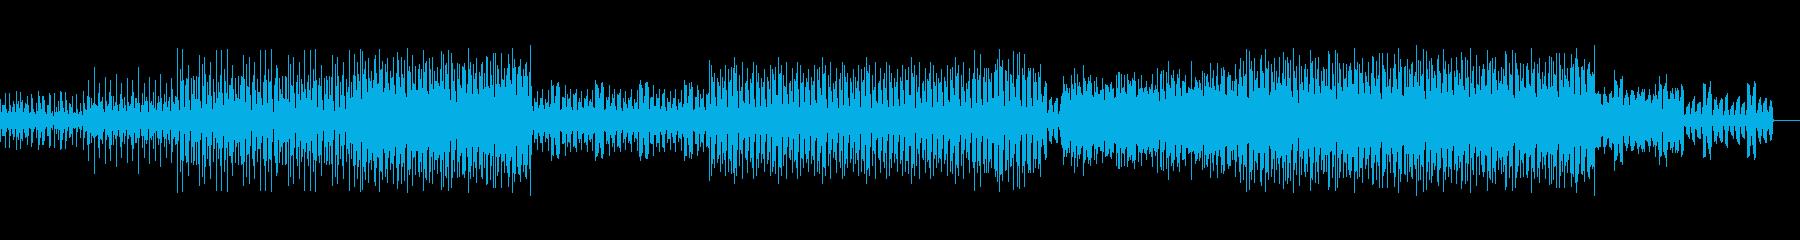 激しいシンセビートとベースのBGMの再生済みの波形